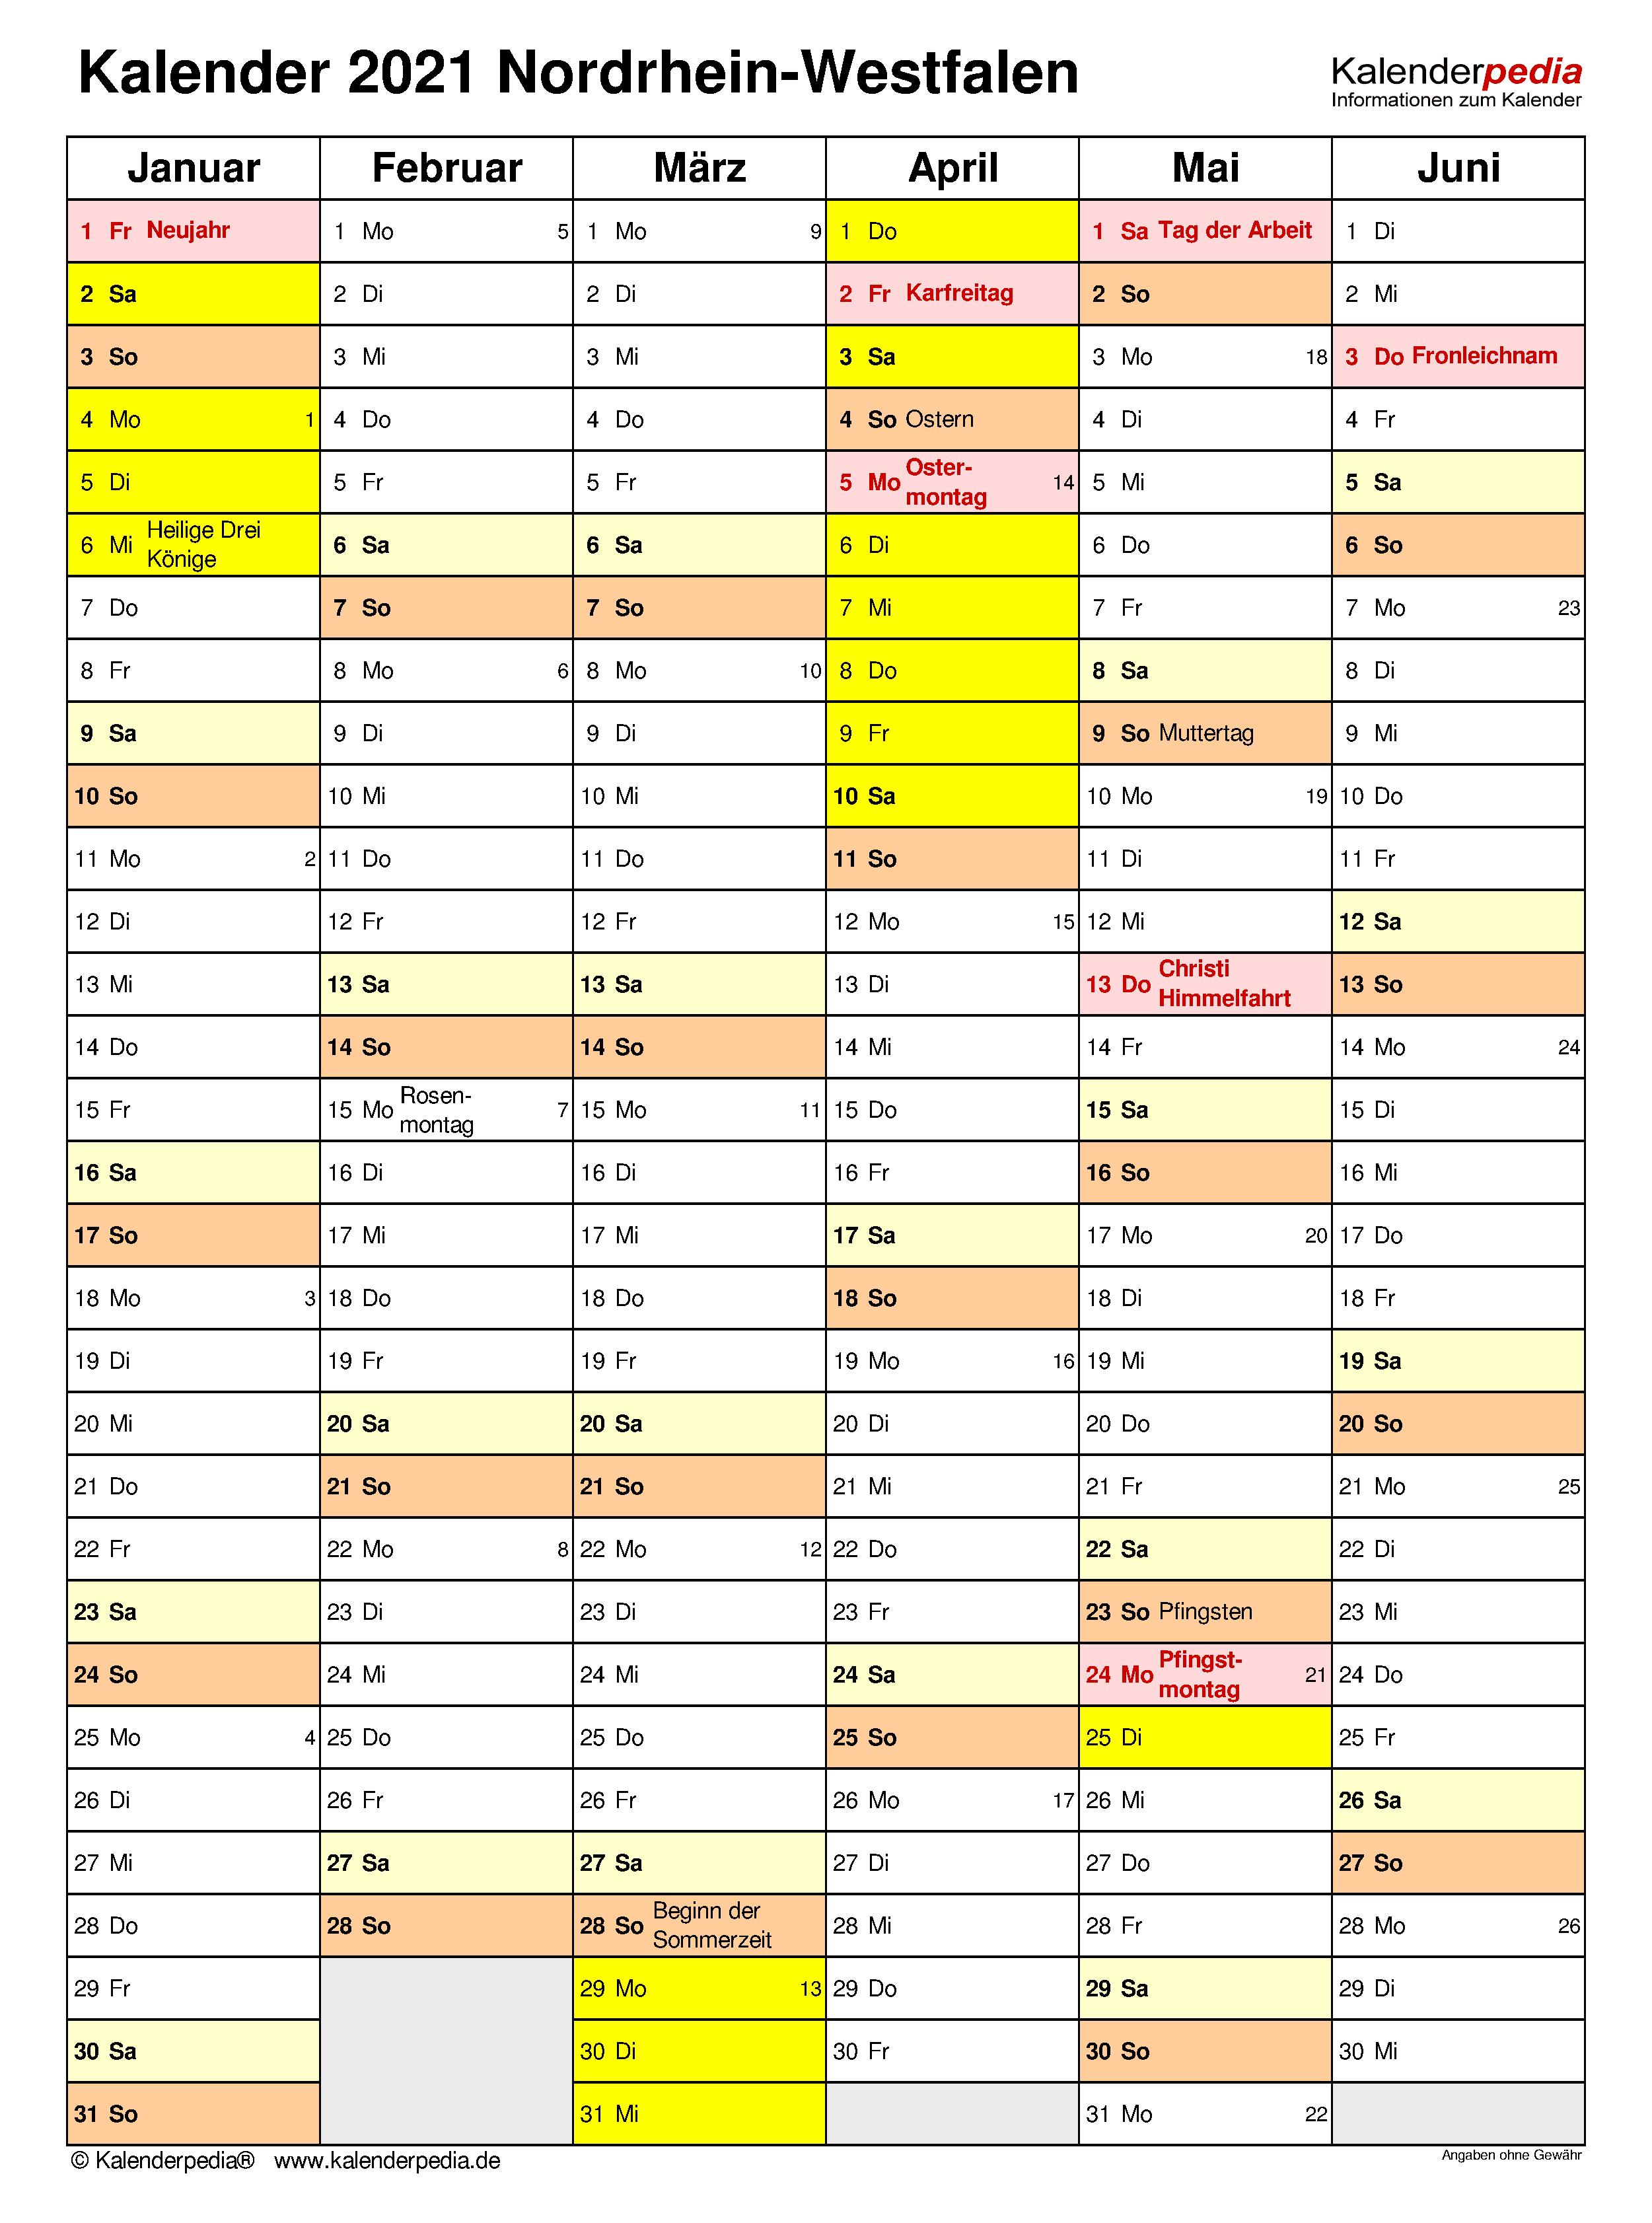 Kalender 2021 Nrw Mit Feiertagen : Jahreskalender Kalender ...